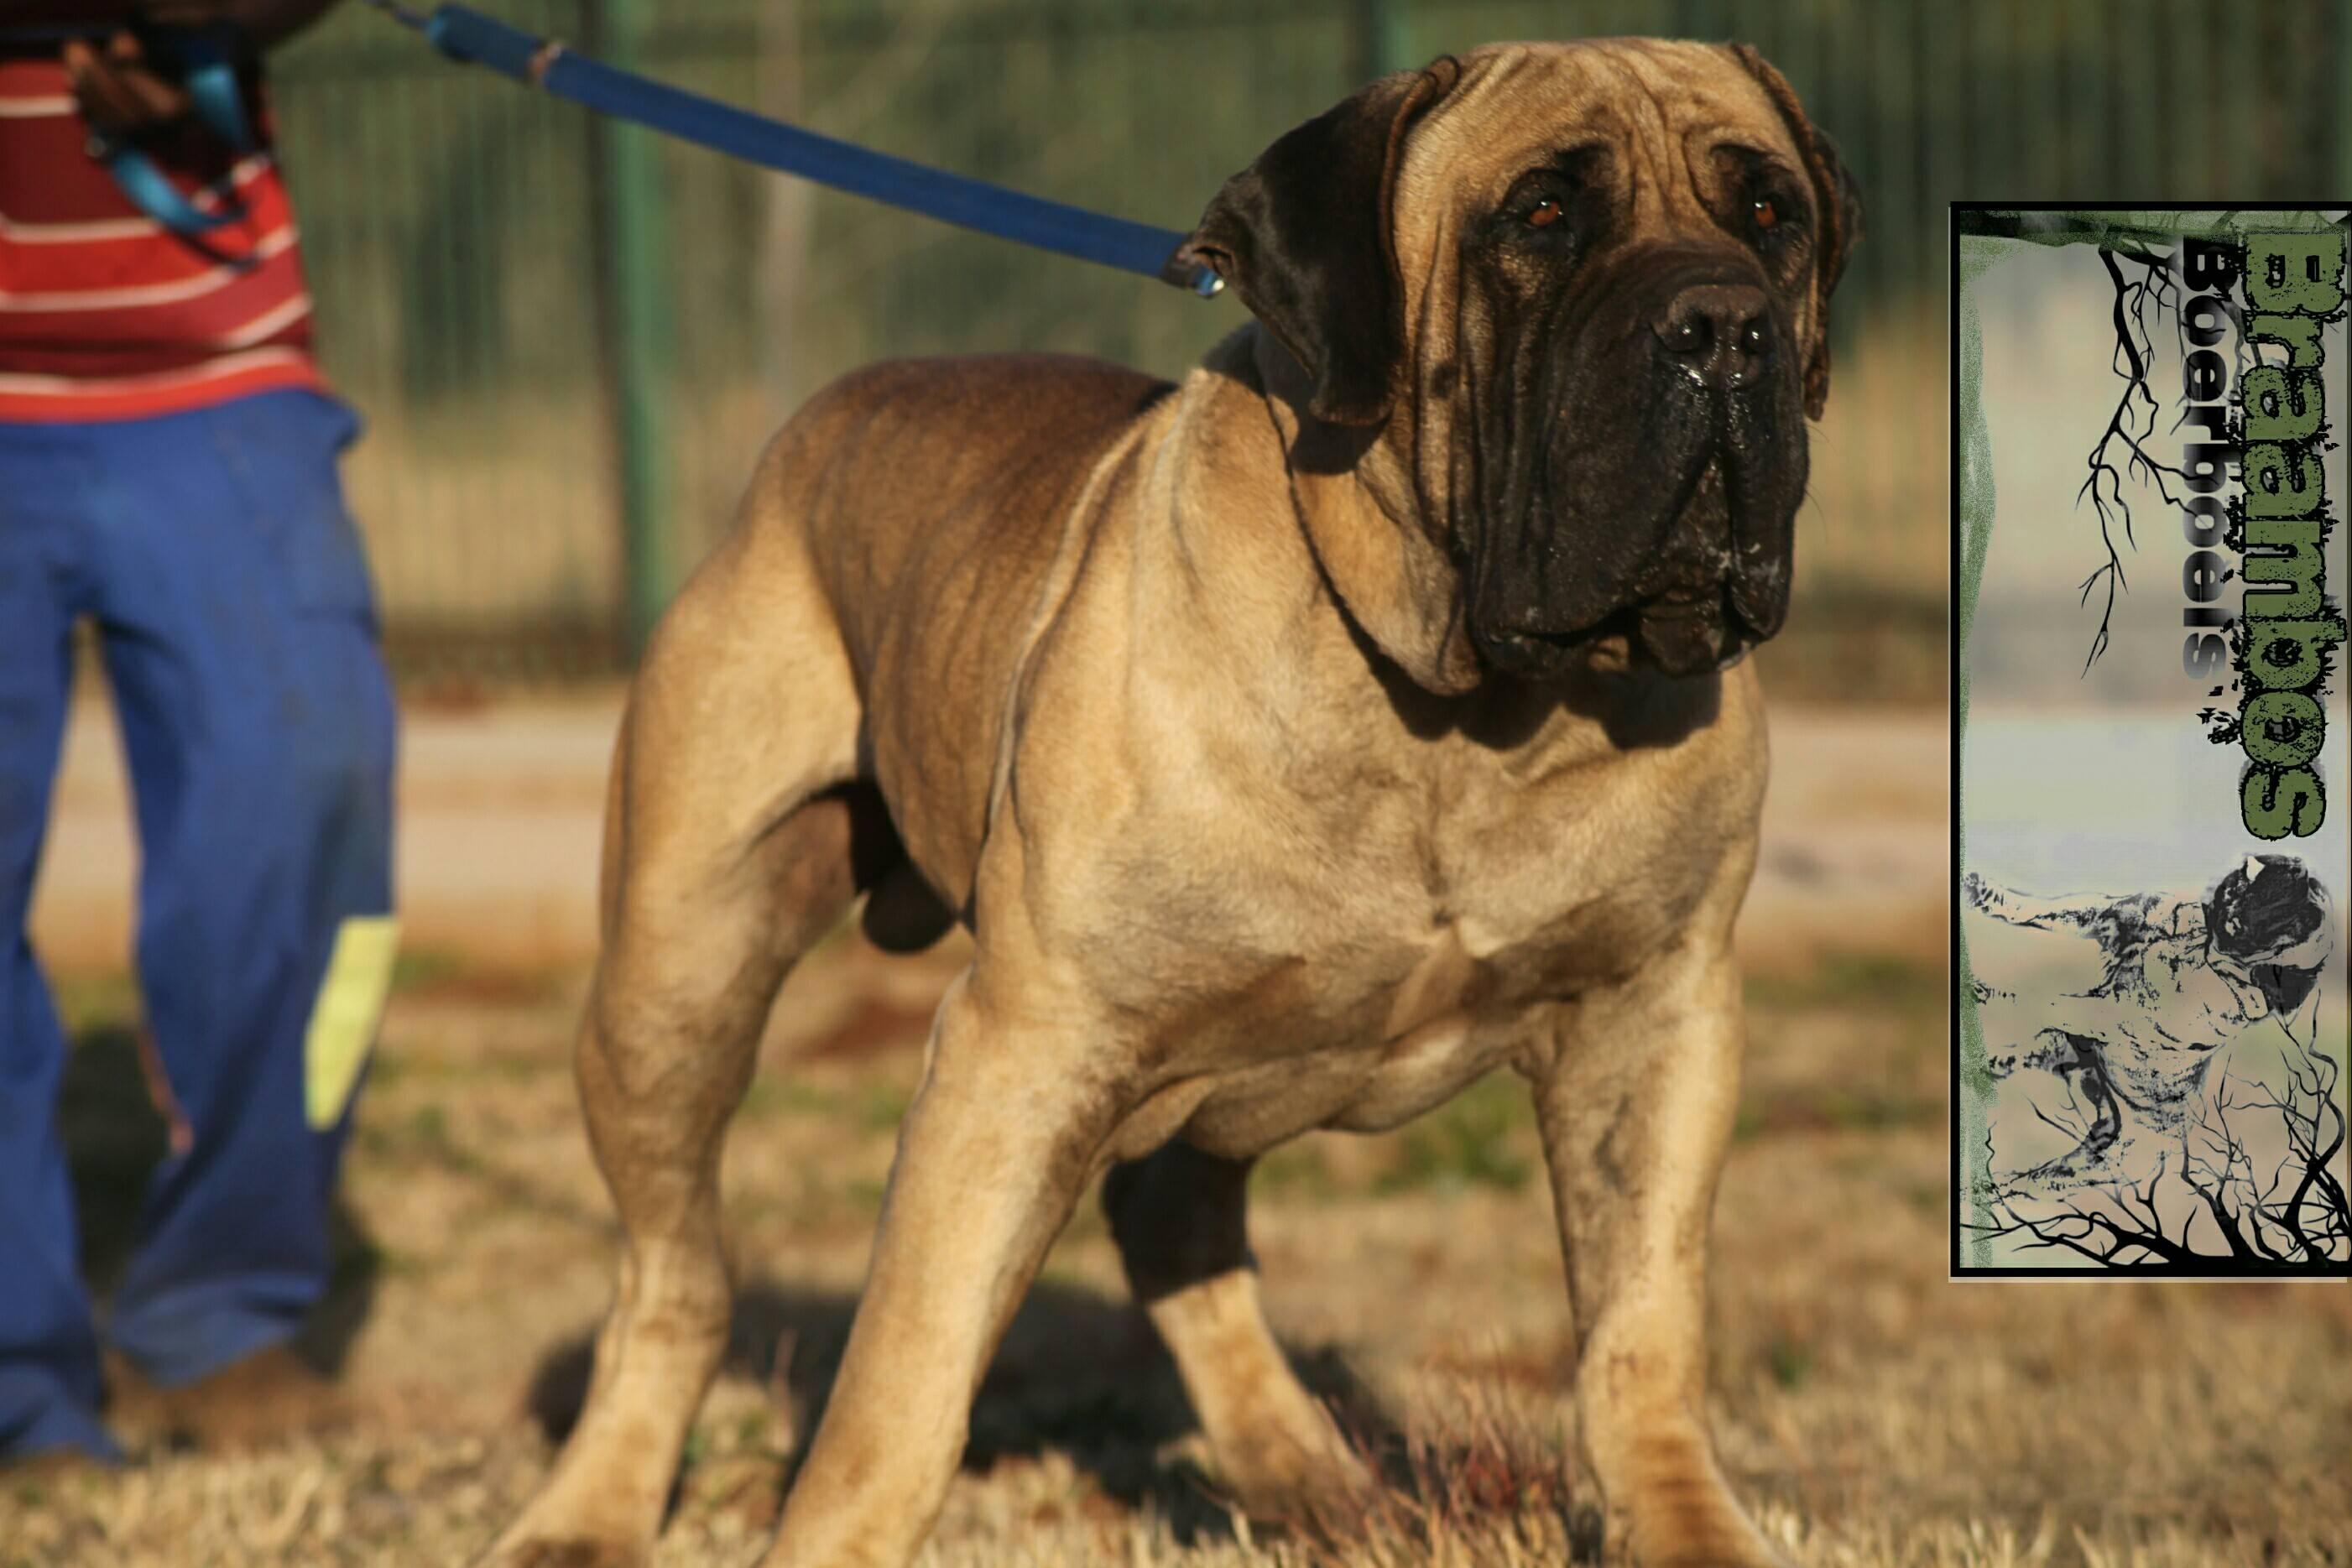 Бурбуль южноафриканский: описание породы с фото собаки, особенности ухода и разведения